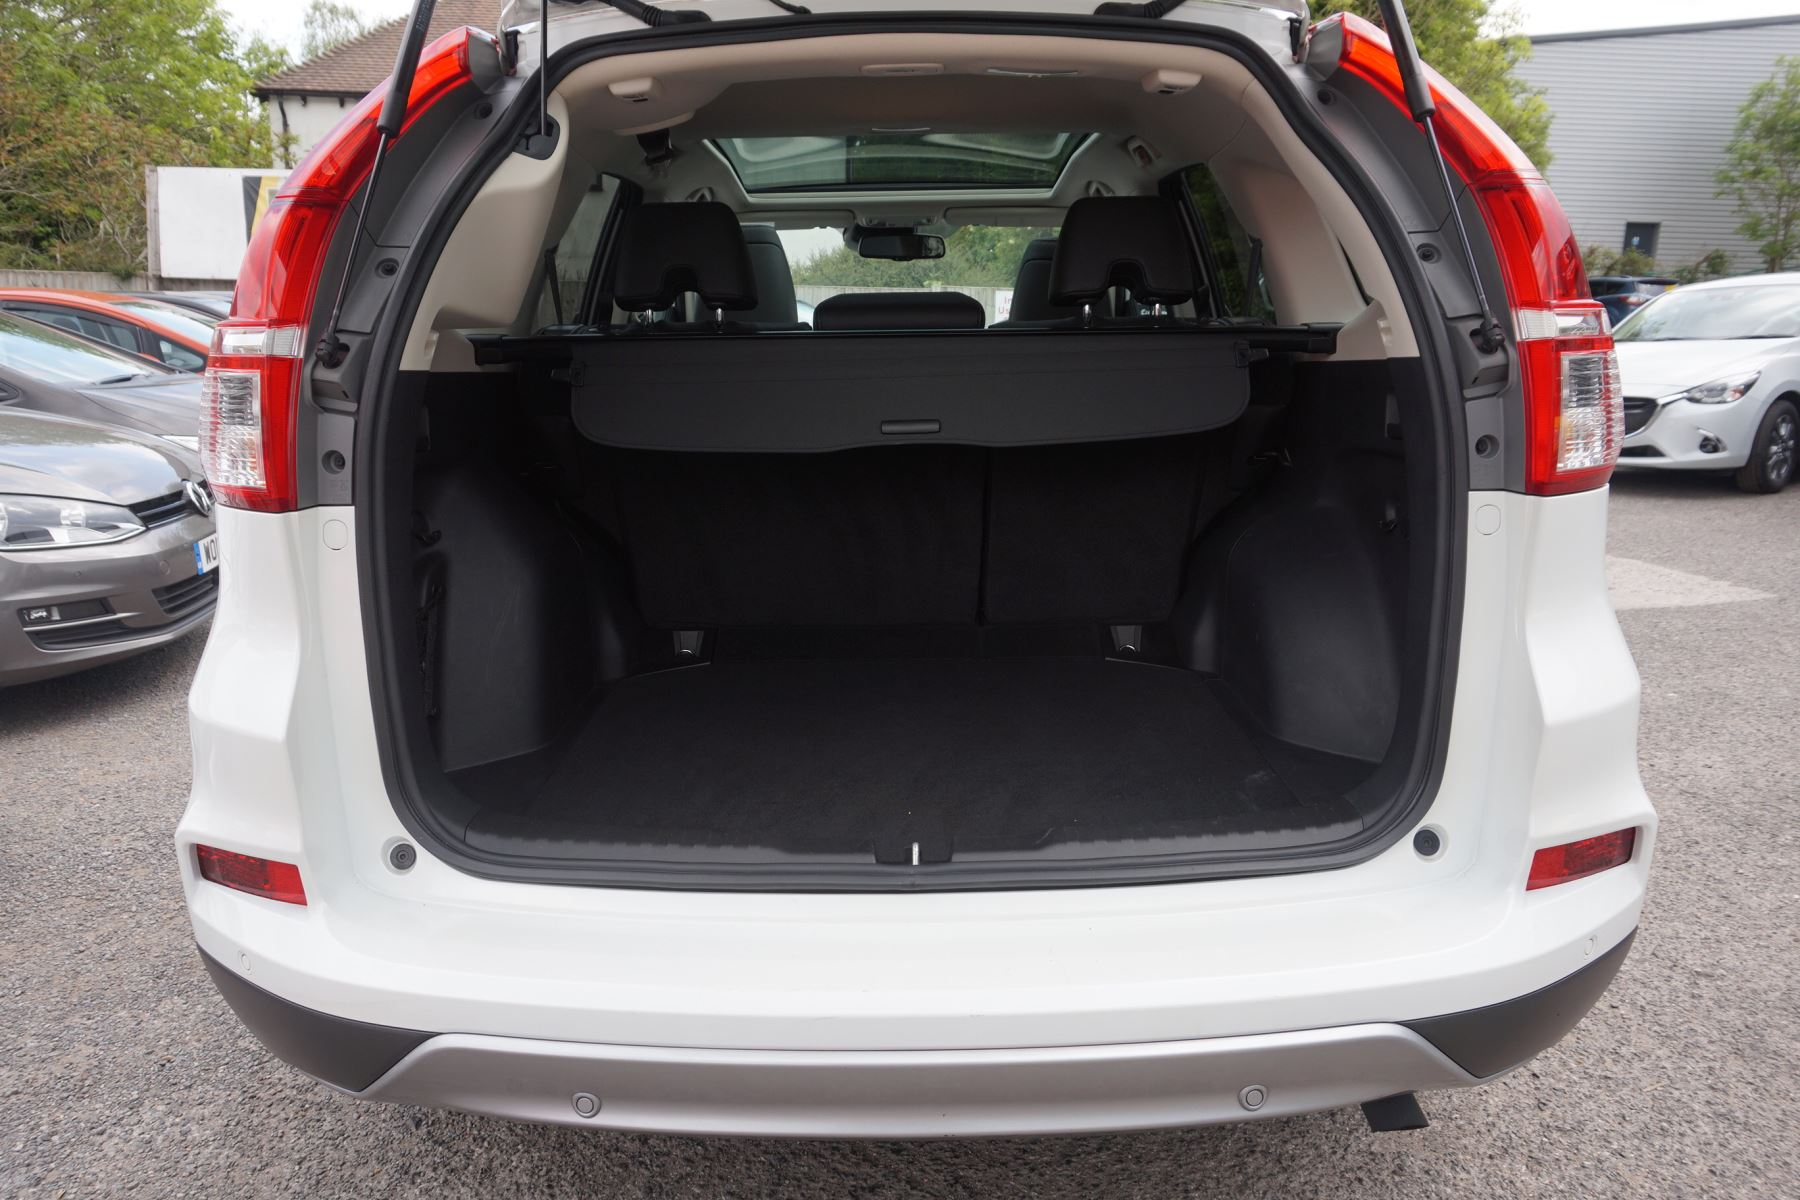 Honda CR-V 2.0 i-VTEC EX 5dr image 6